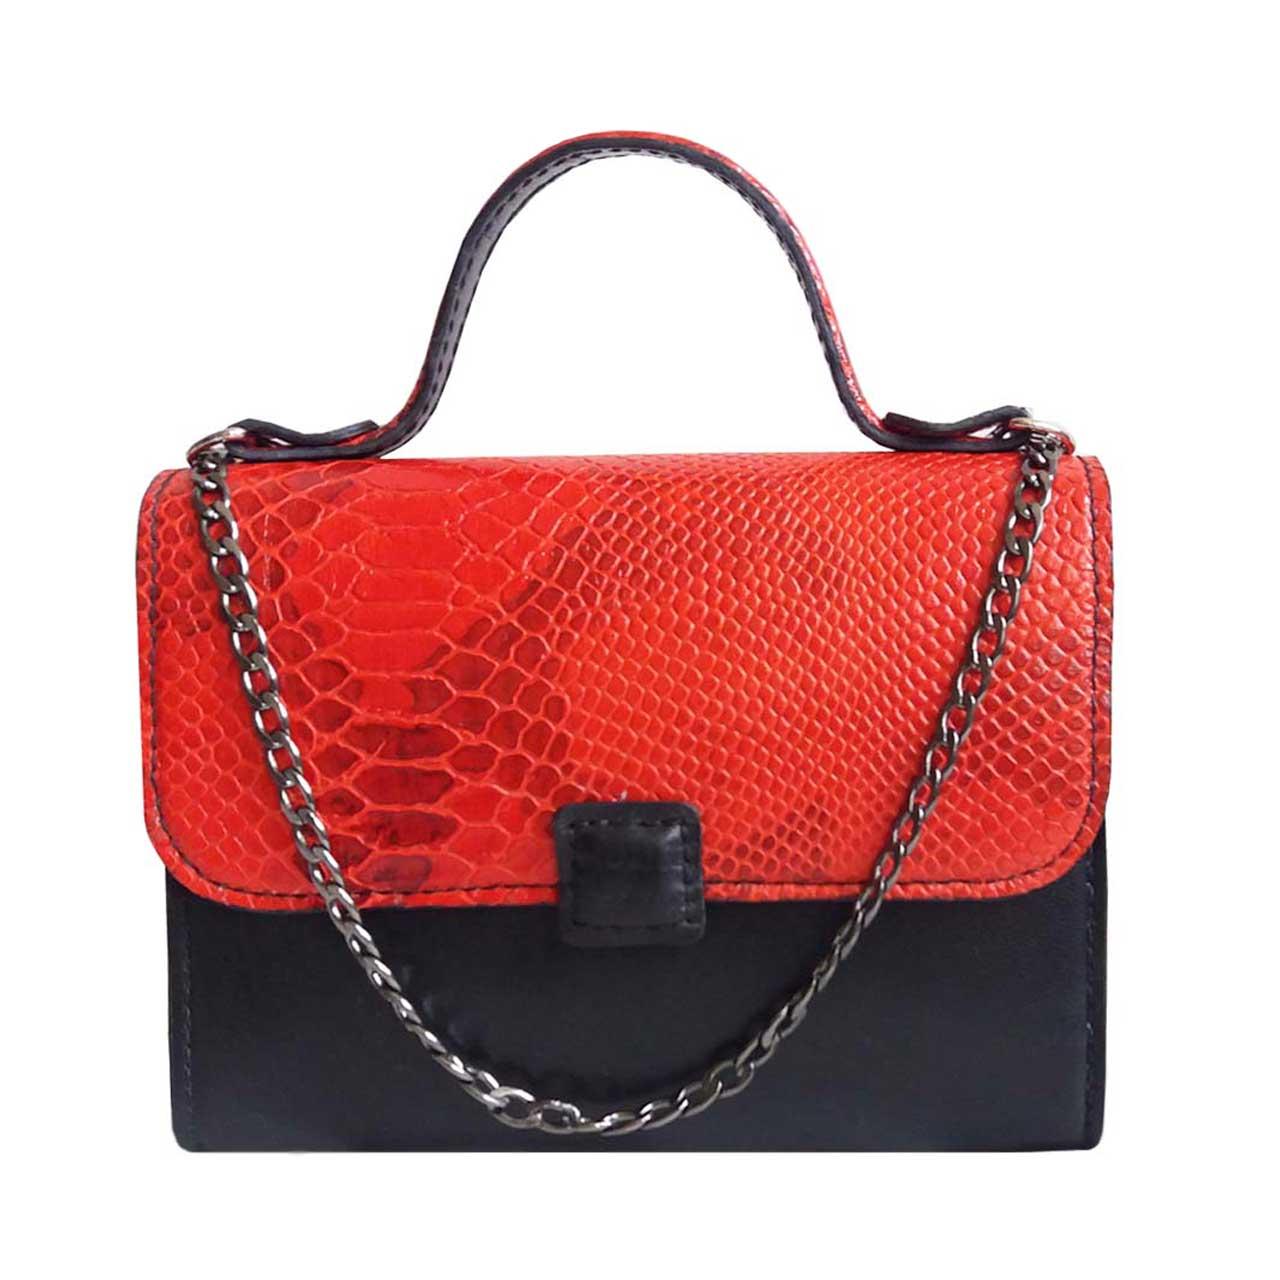 کیف دستی چرمی مژی مدل MM 21